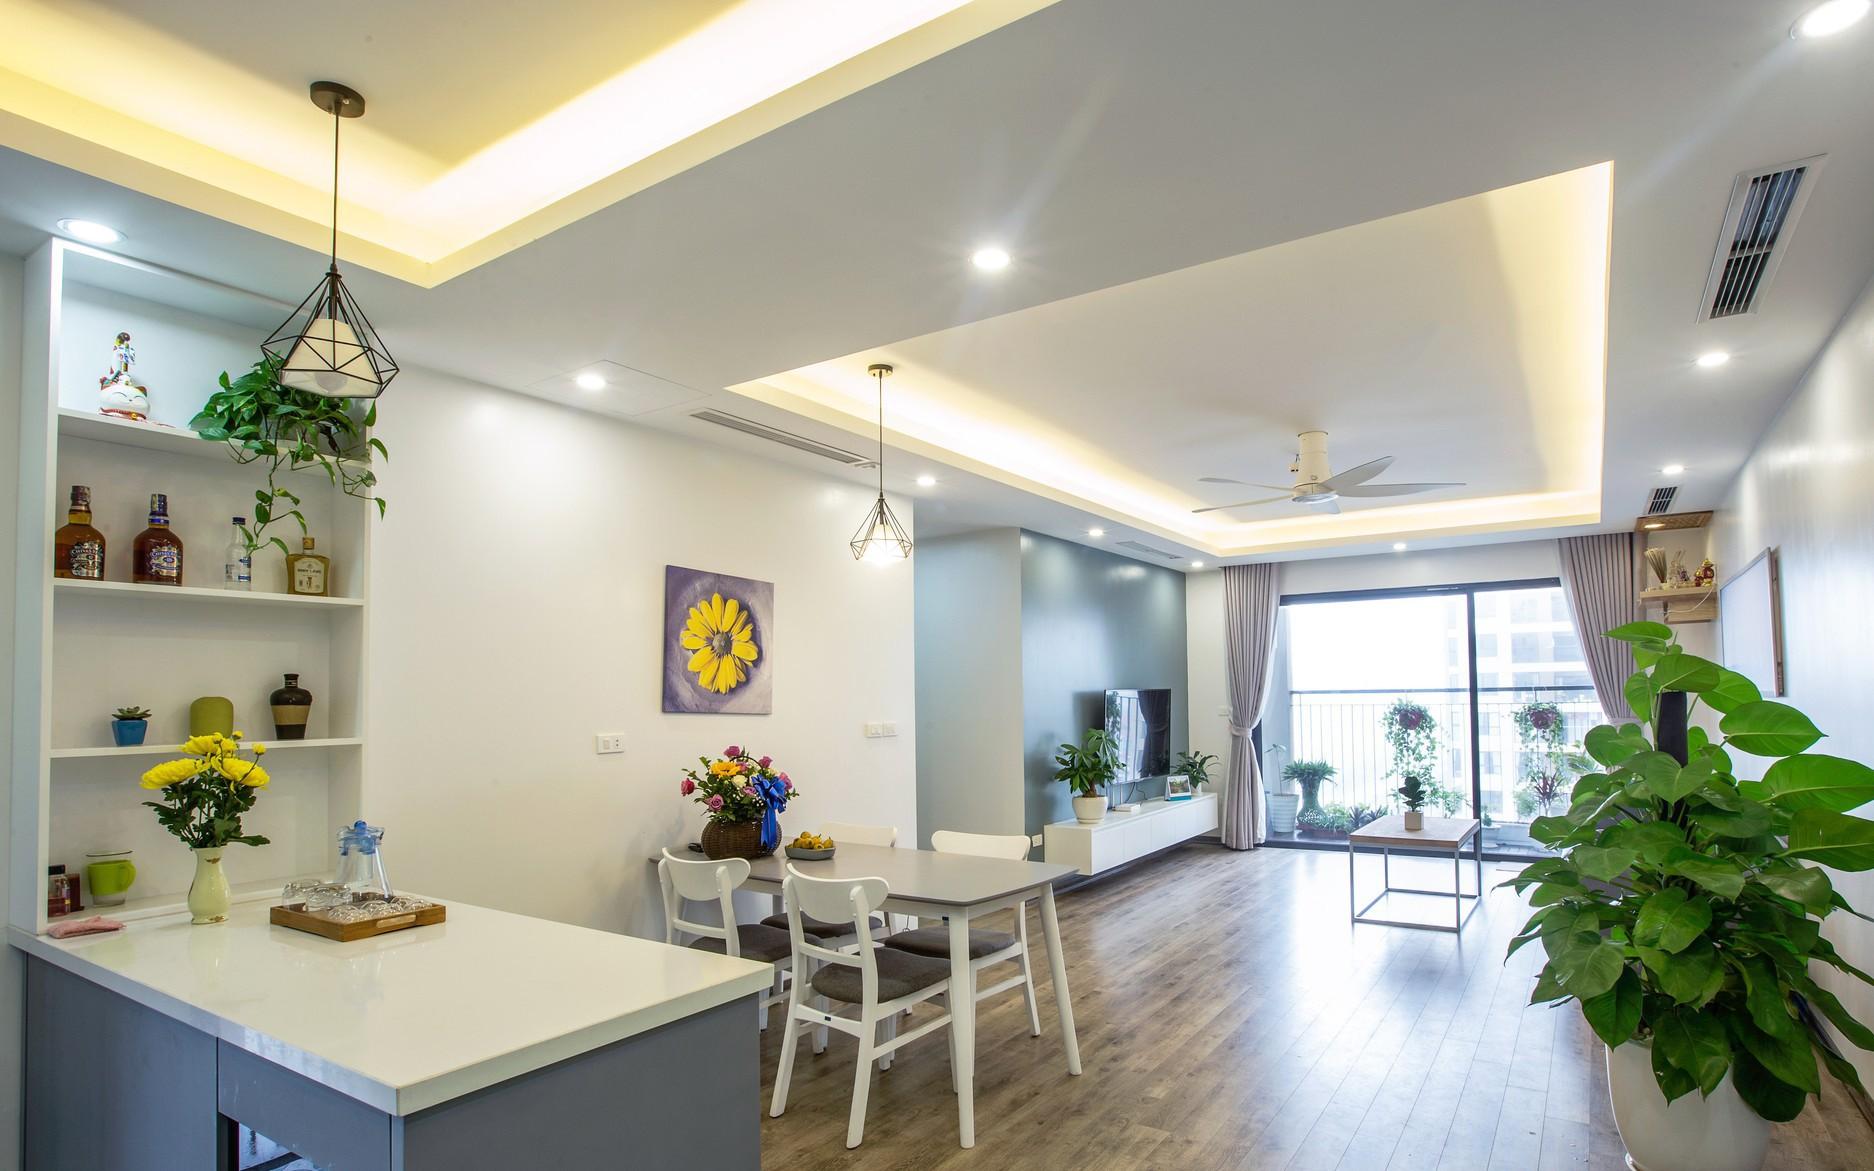 Căn hộ 100m² gây ấn tượng theo phong cách đương đại có tổng chi phí 260 triệu đồng ở Long Biên, Hà Nội